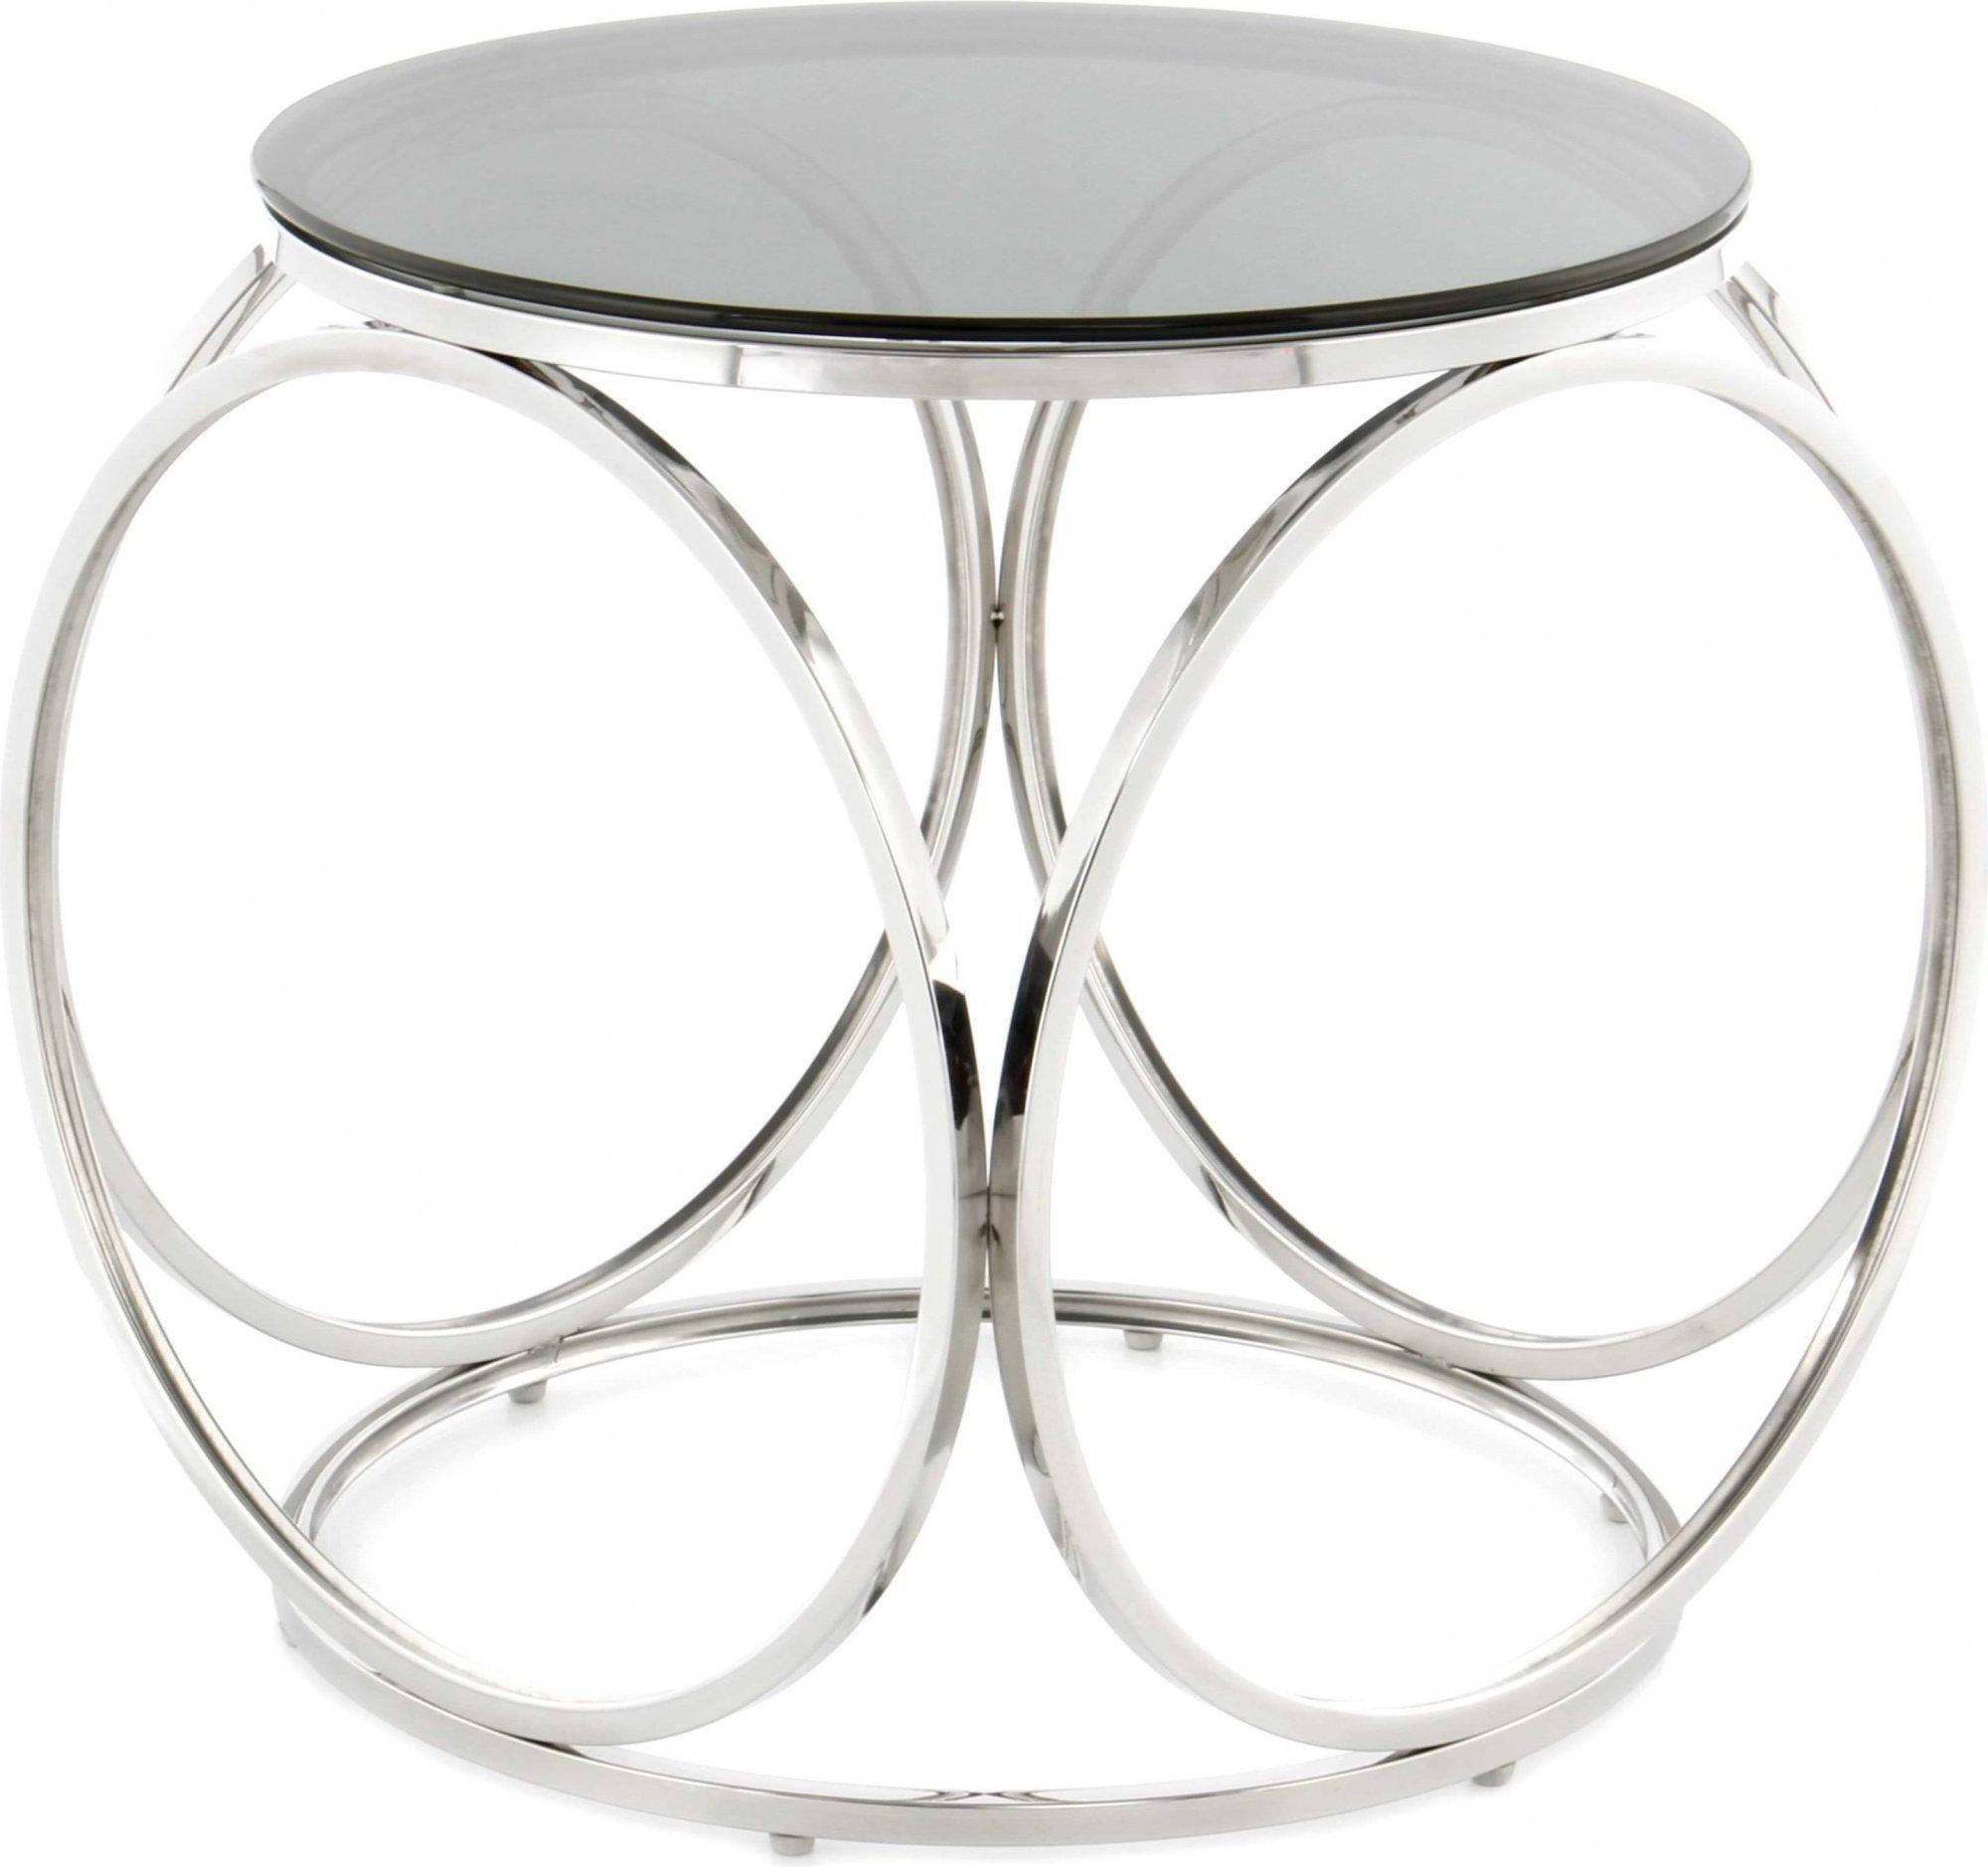 Table d'appoint ronde argent plateau verre fumé d50cm